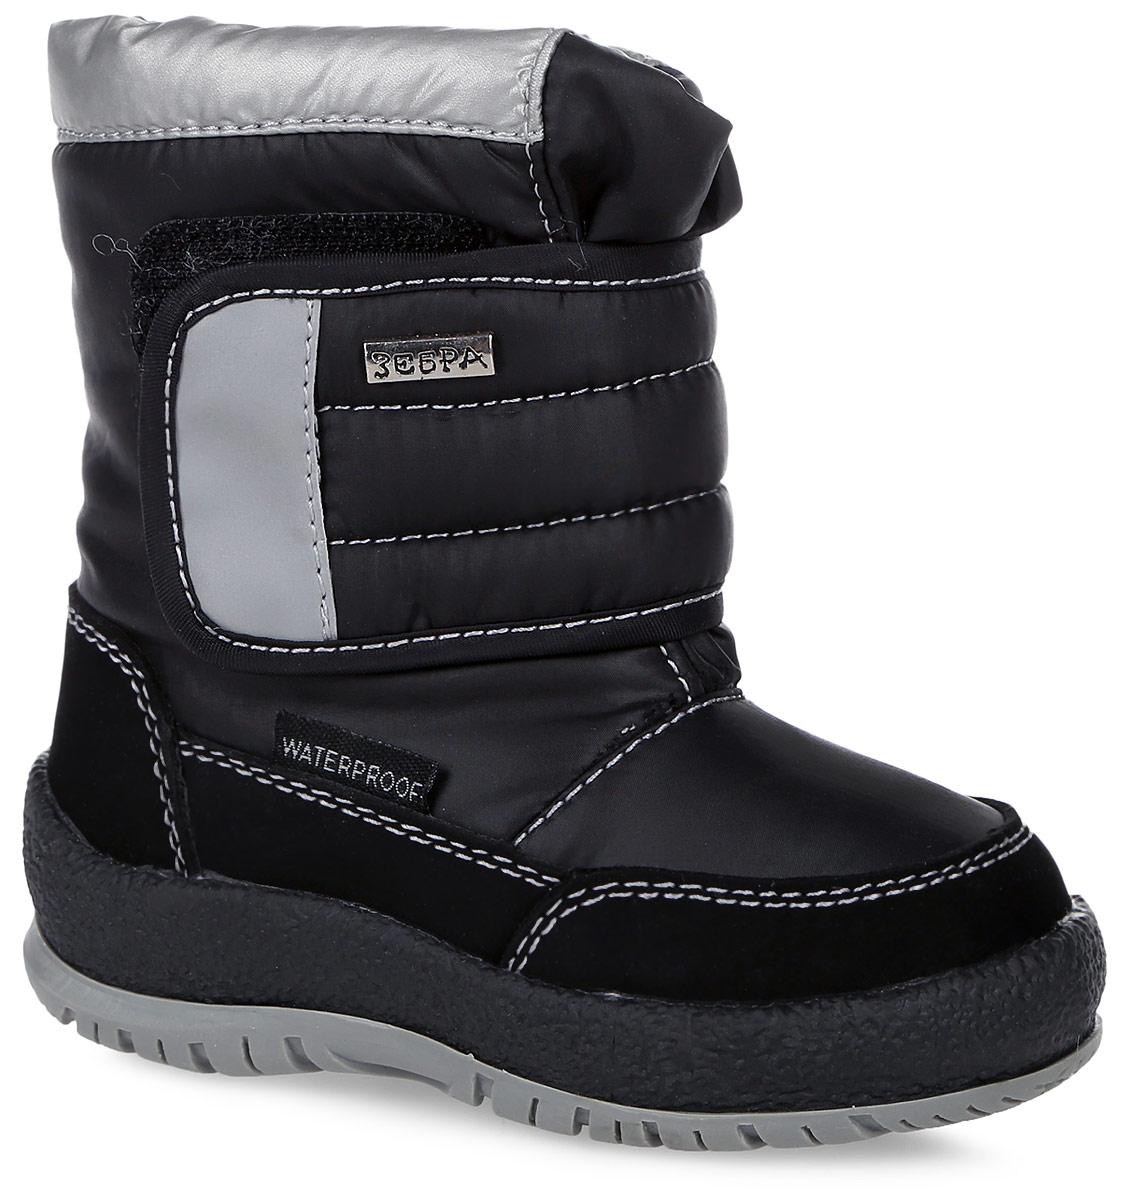 11011-1Полусапоги от Зебра выполнены из искусственной кожи и текстиля. Застежка-липучка надежно фиксируют модель на ноге. Мягкая подкладка и стелька из шерсти обеспечивают тепло, циркуляцию воздуха и сохраняют комфортный микроклимат в обуви. Подошва оснащена рифлением.